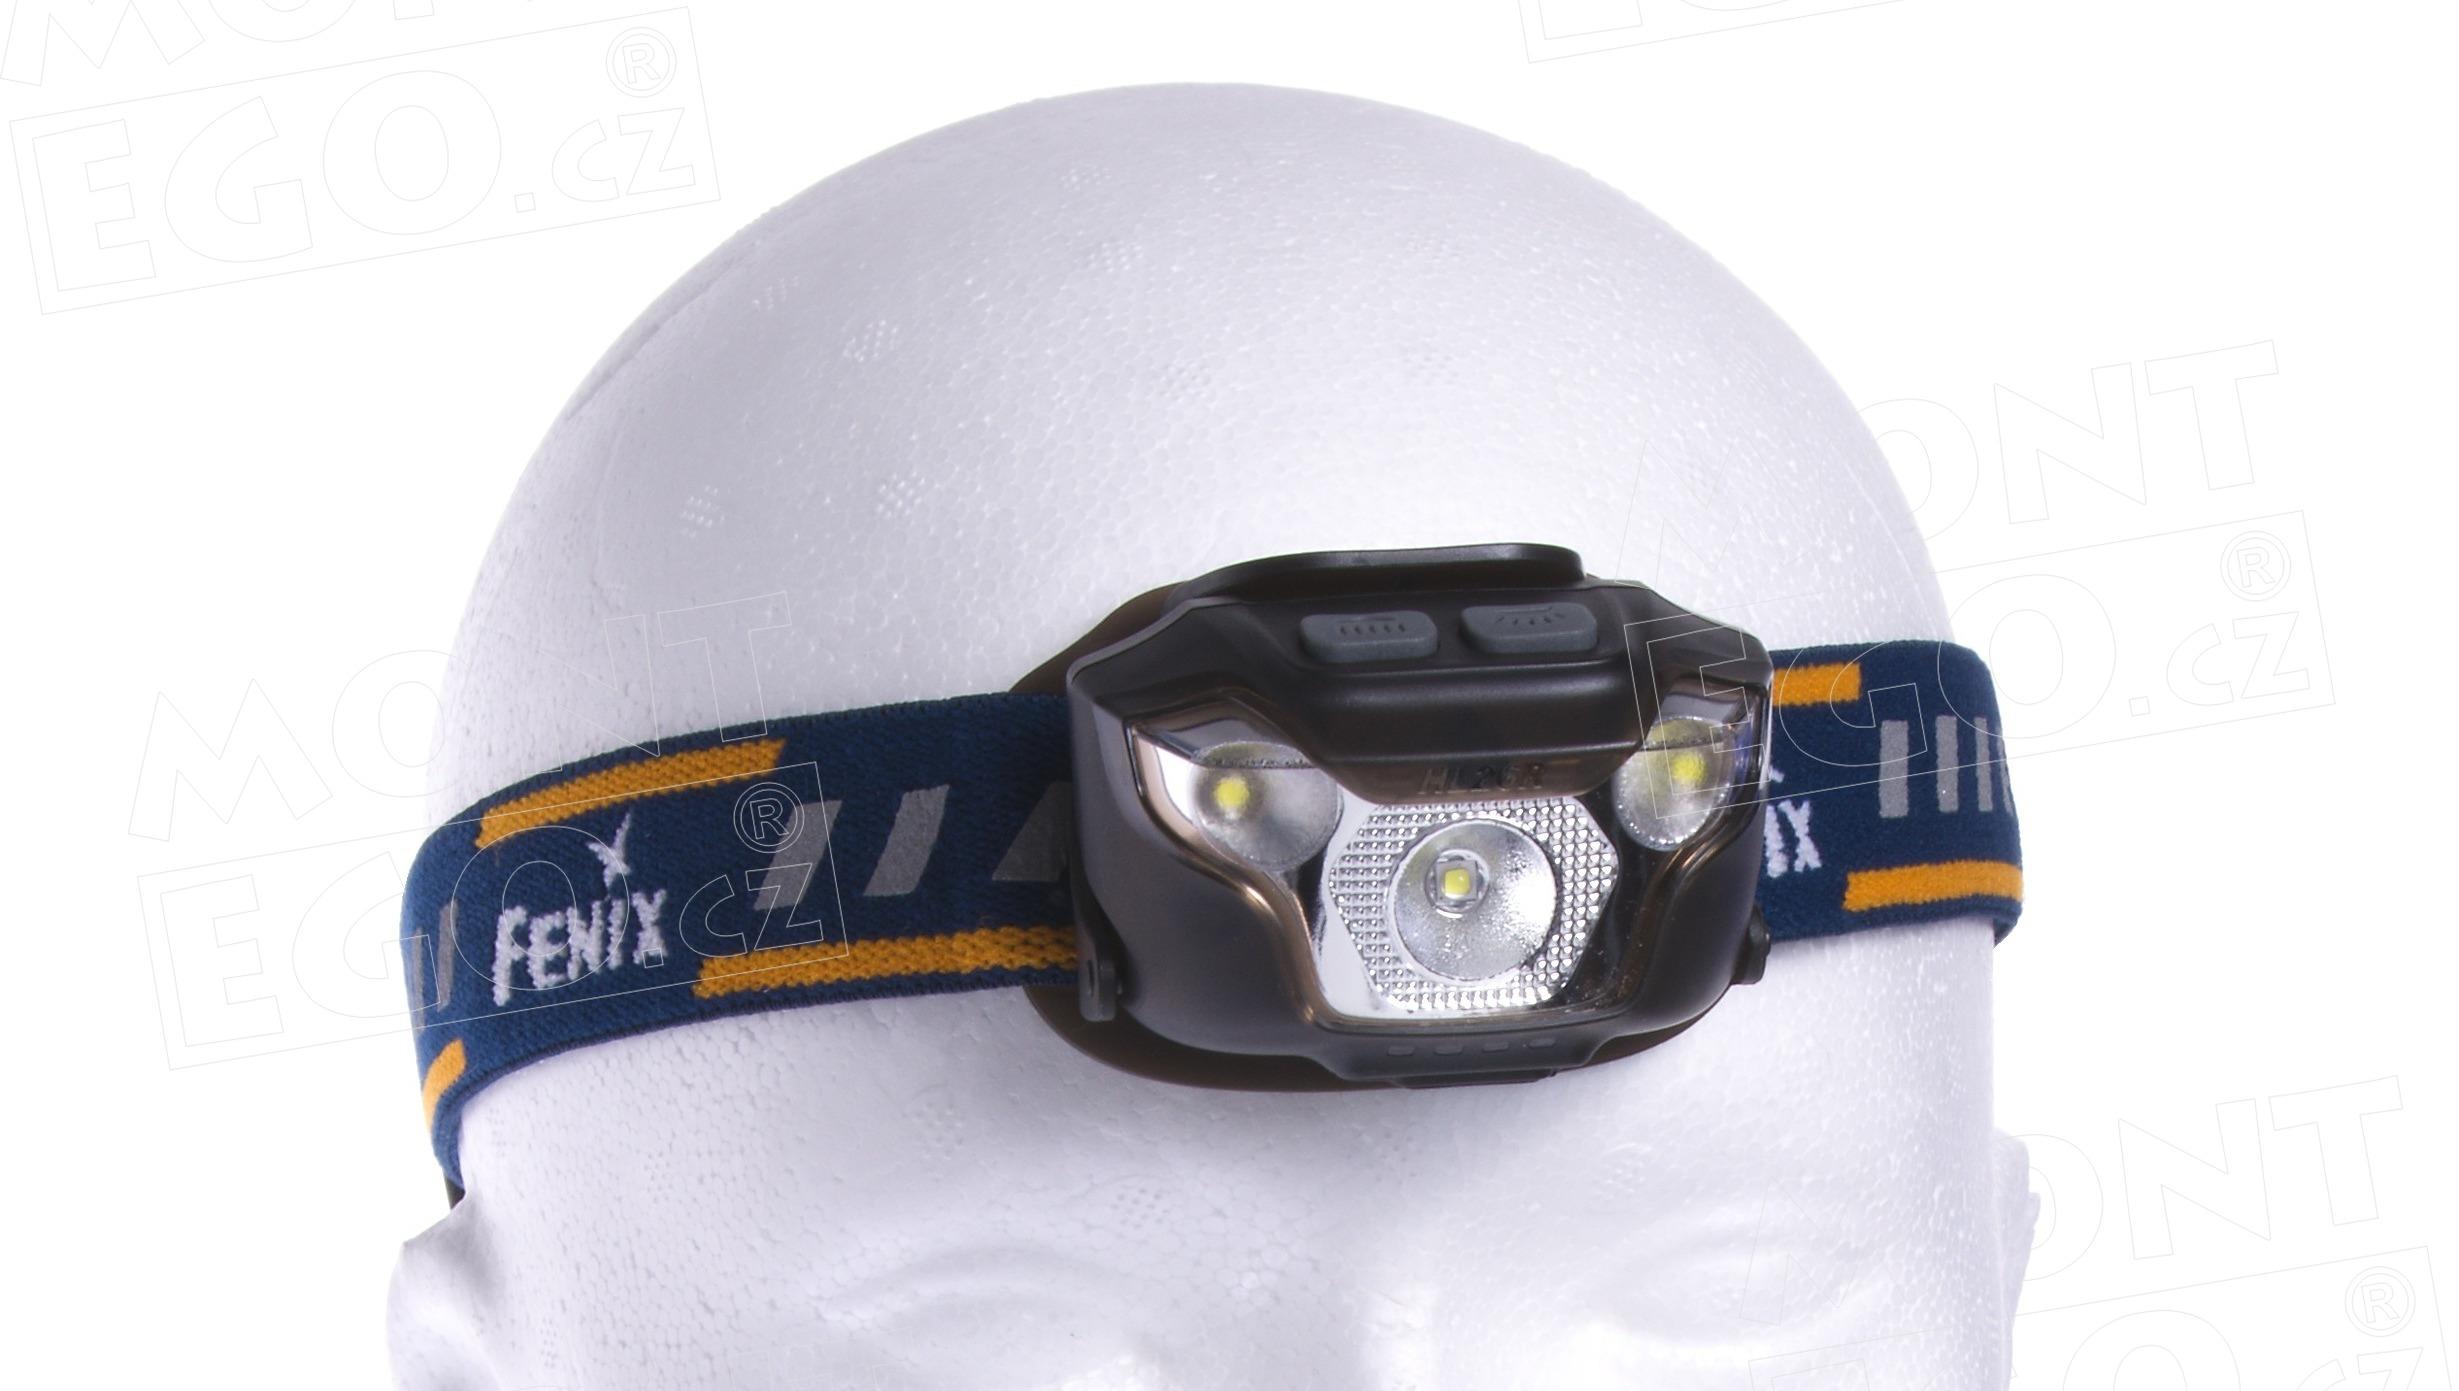 Nabíjecí LED čelovka Fenix HL26R s vlastním AKU, černá, 460 lm